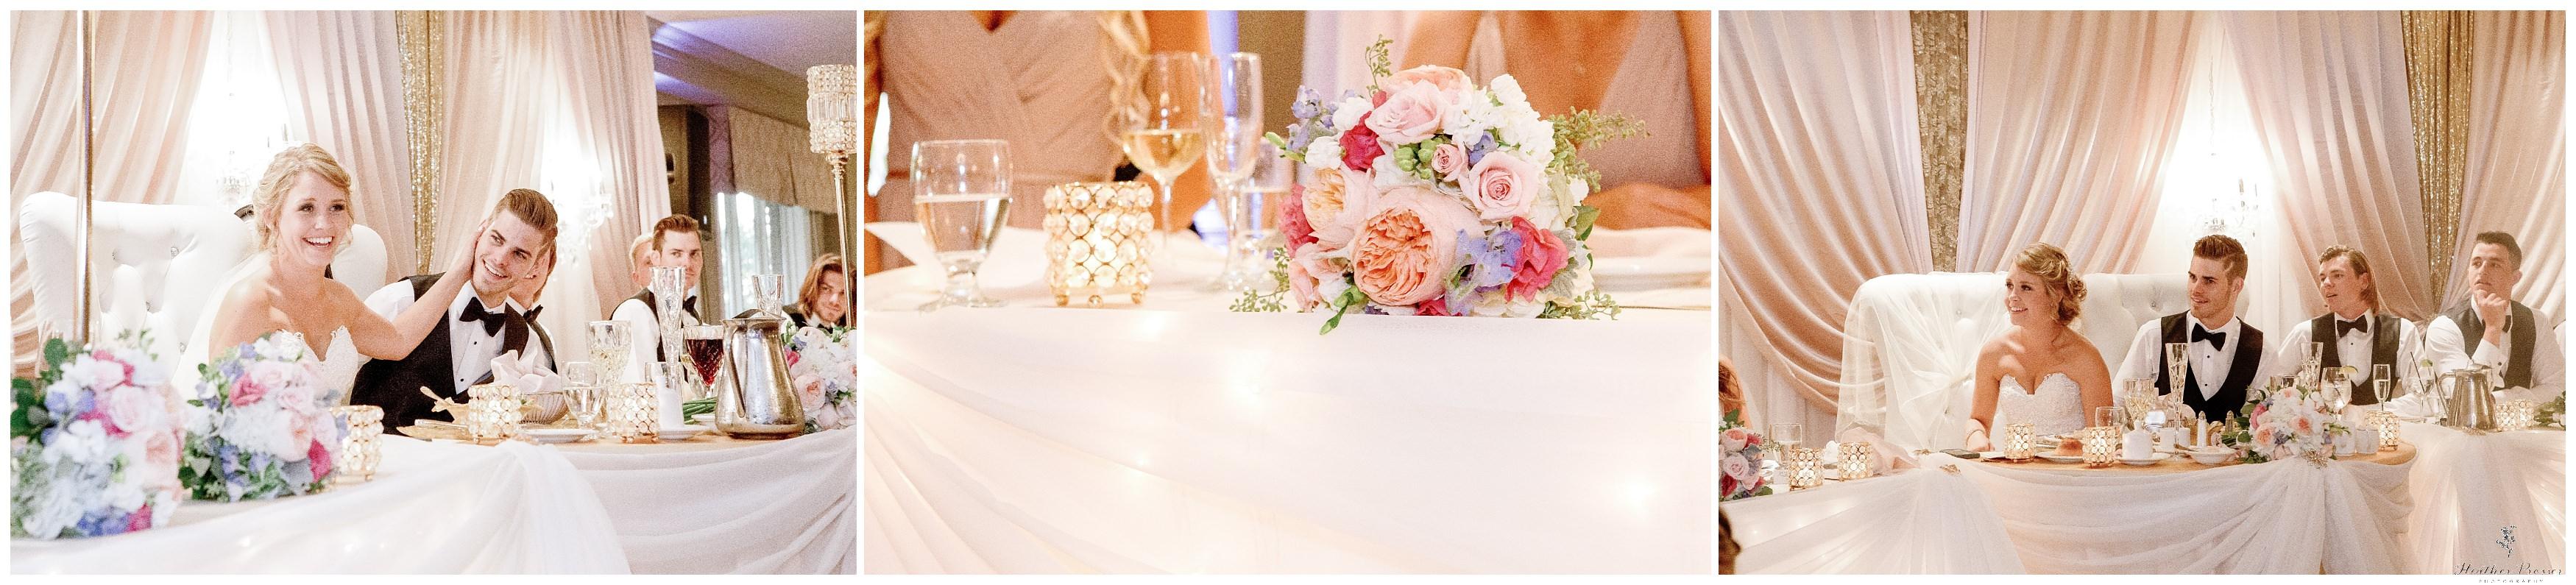 Royal Ashburn Wedding